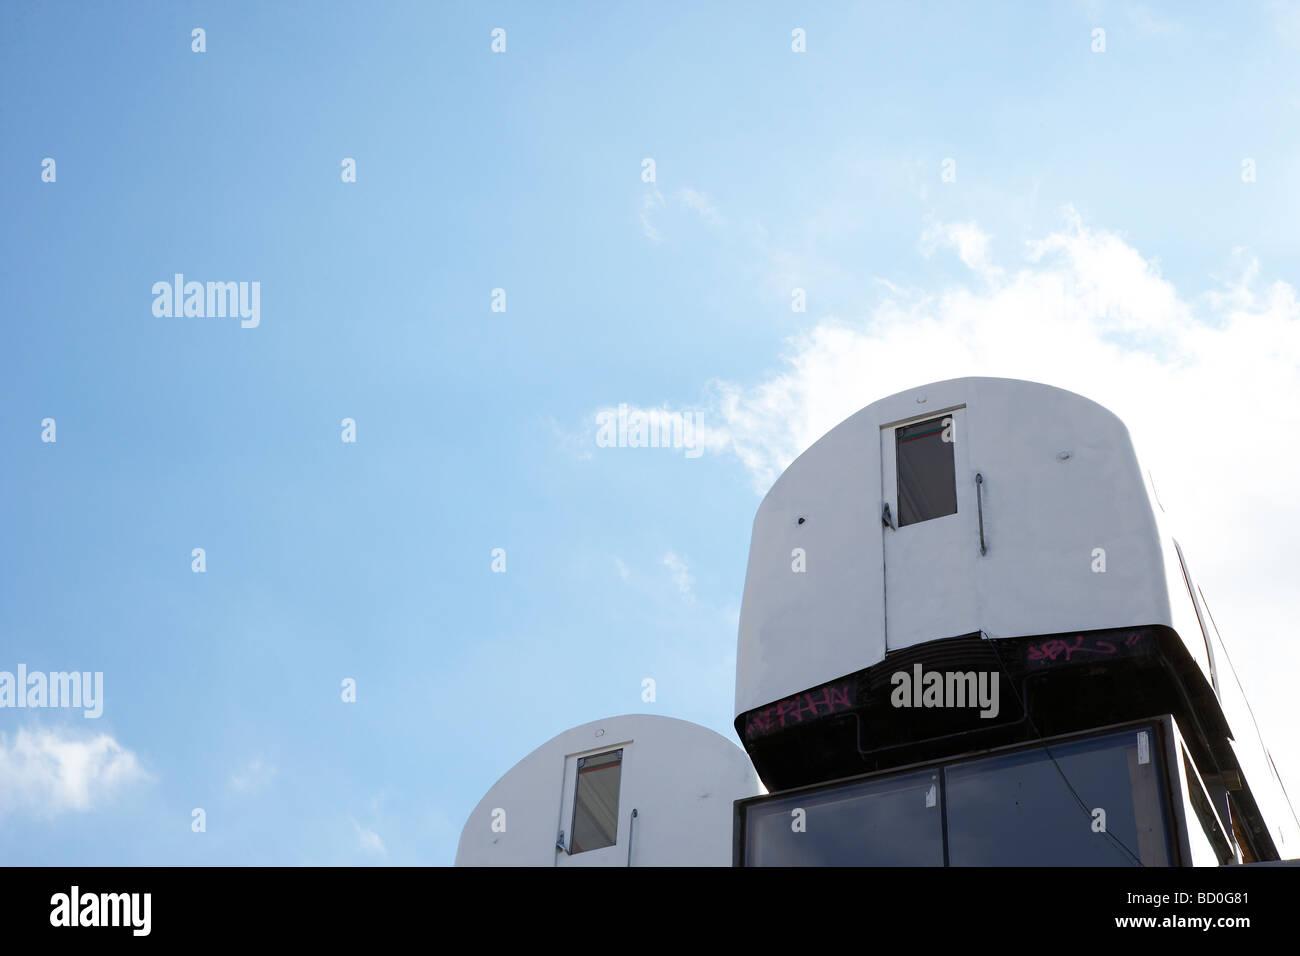 Rohr-Kutschen, balanciert auf dem Dach eines Gebäudes Stockbild